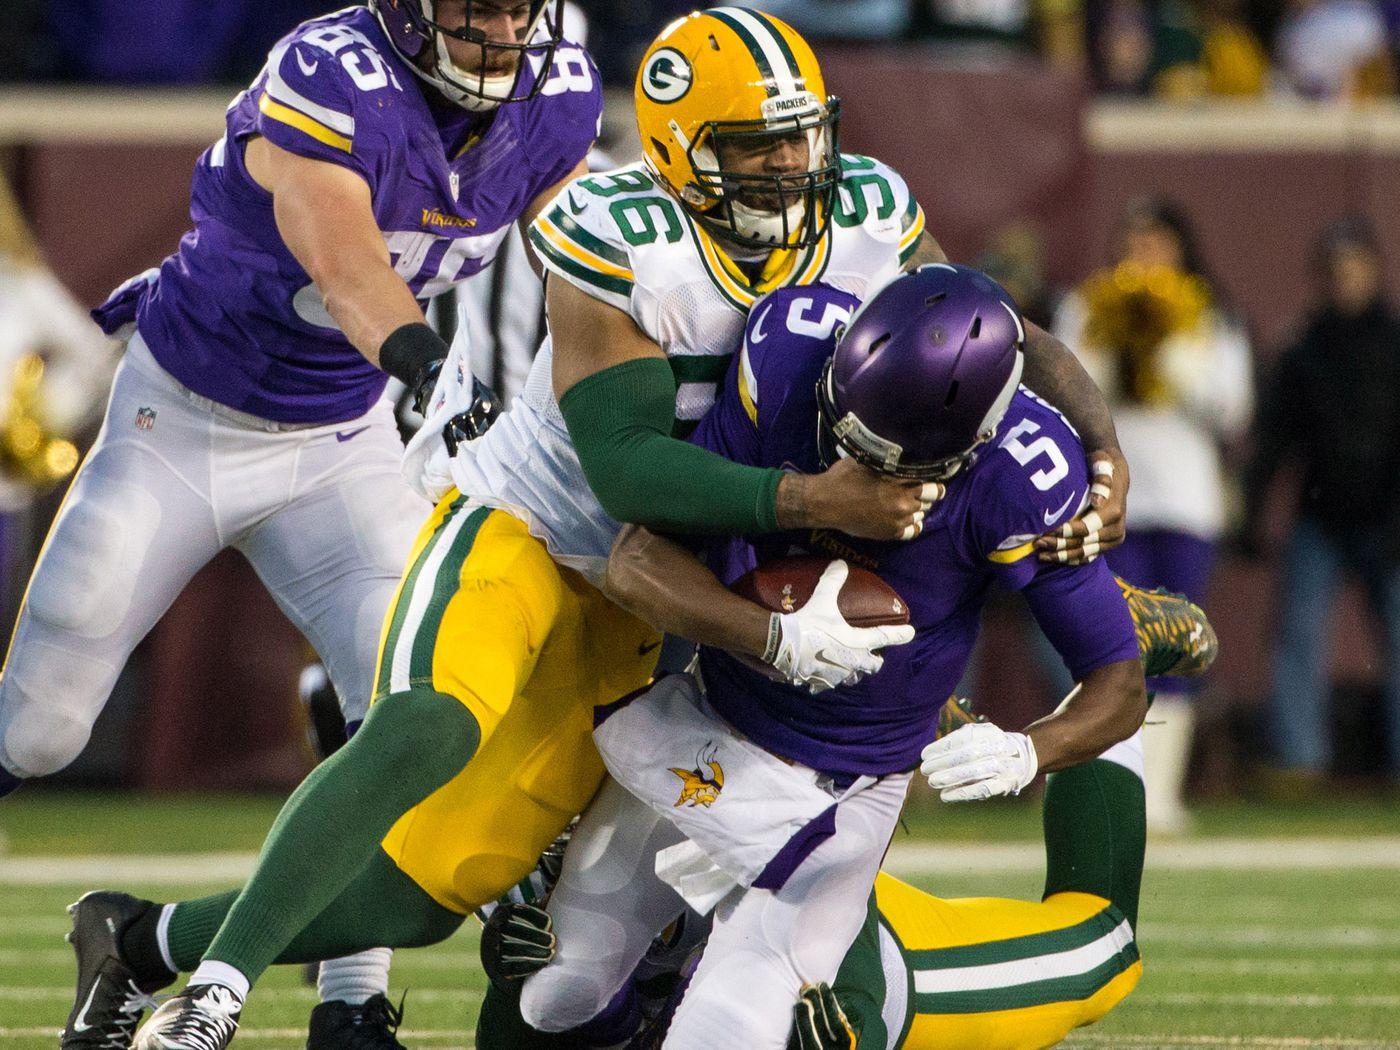 Packers Vs Vikings Final Score Packers End Losing Skid Top Vikings 30 13 In Minnesota Acme Packing Company